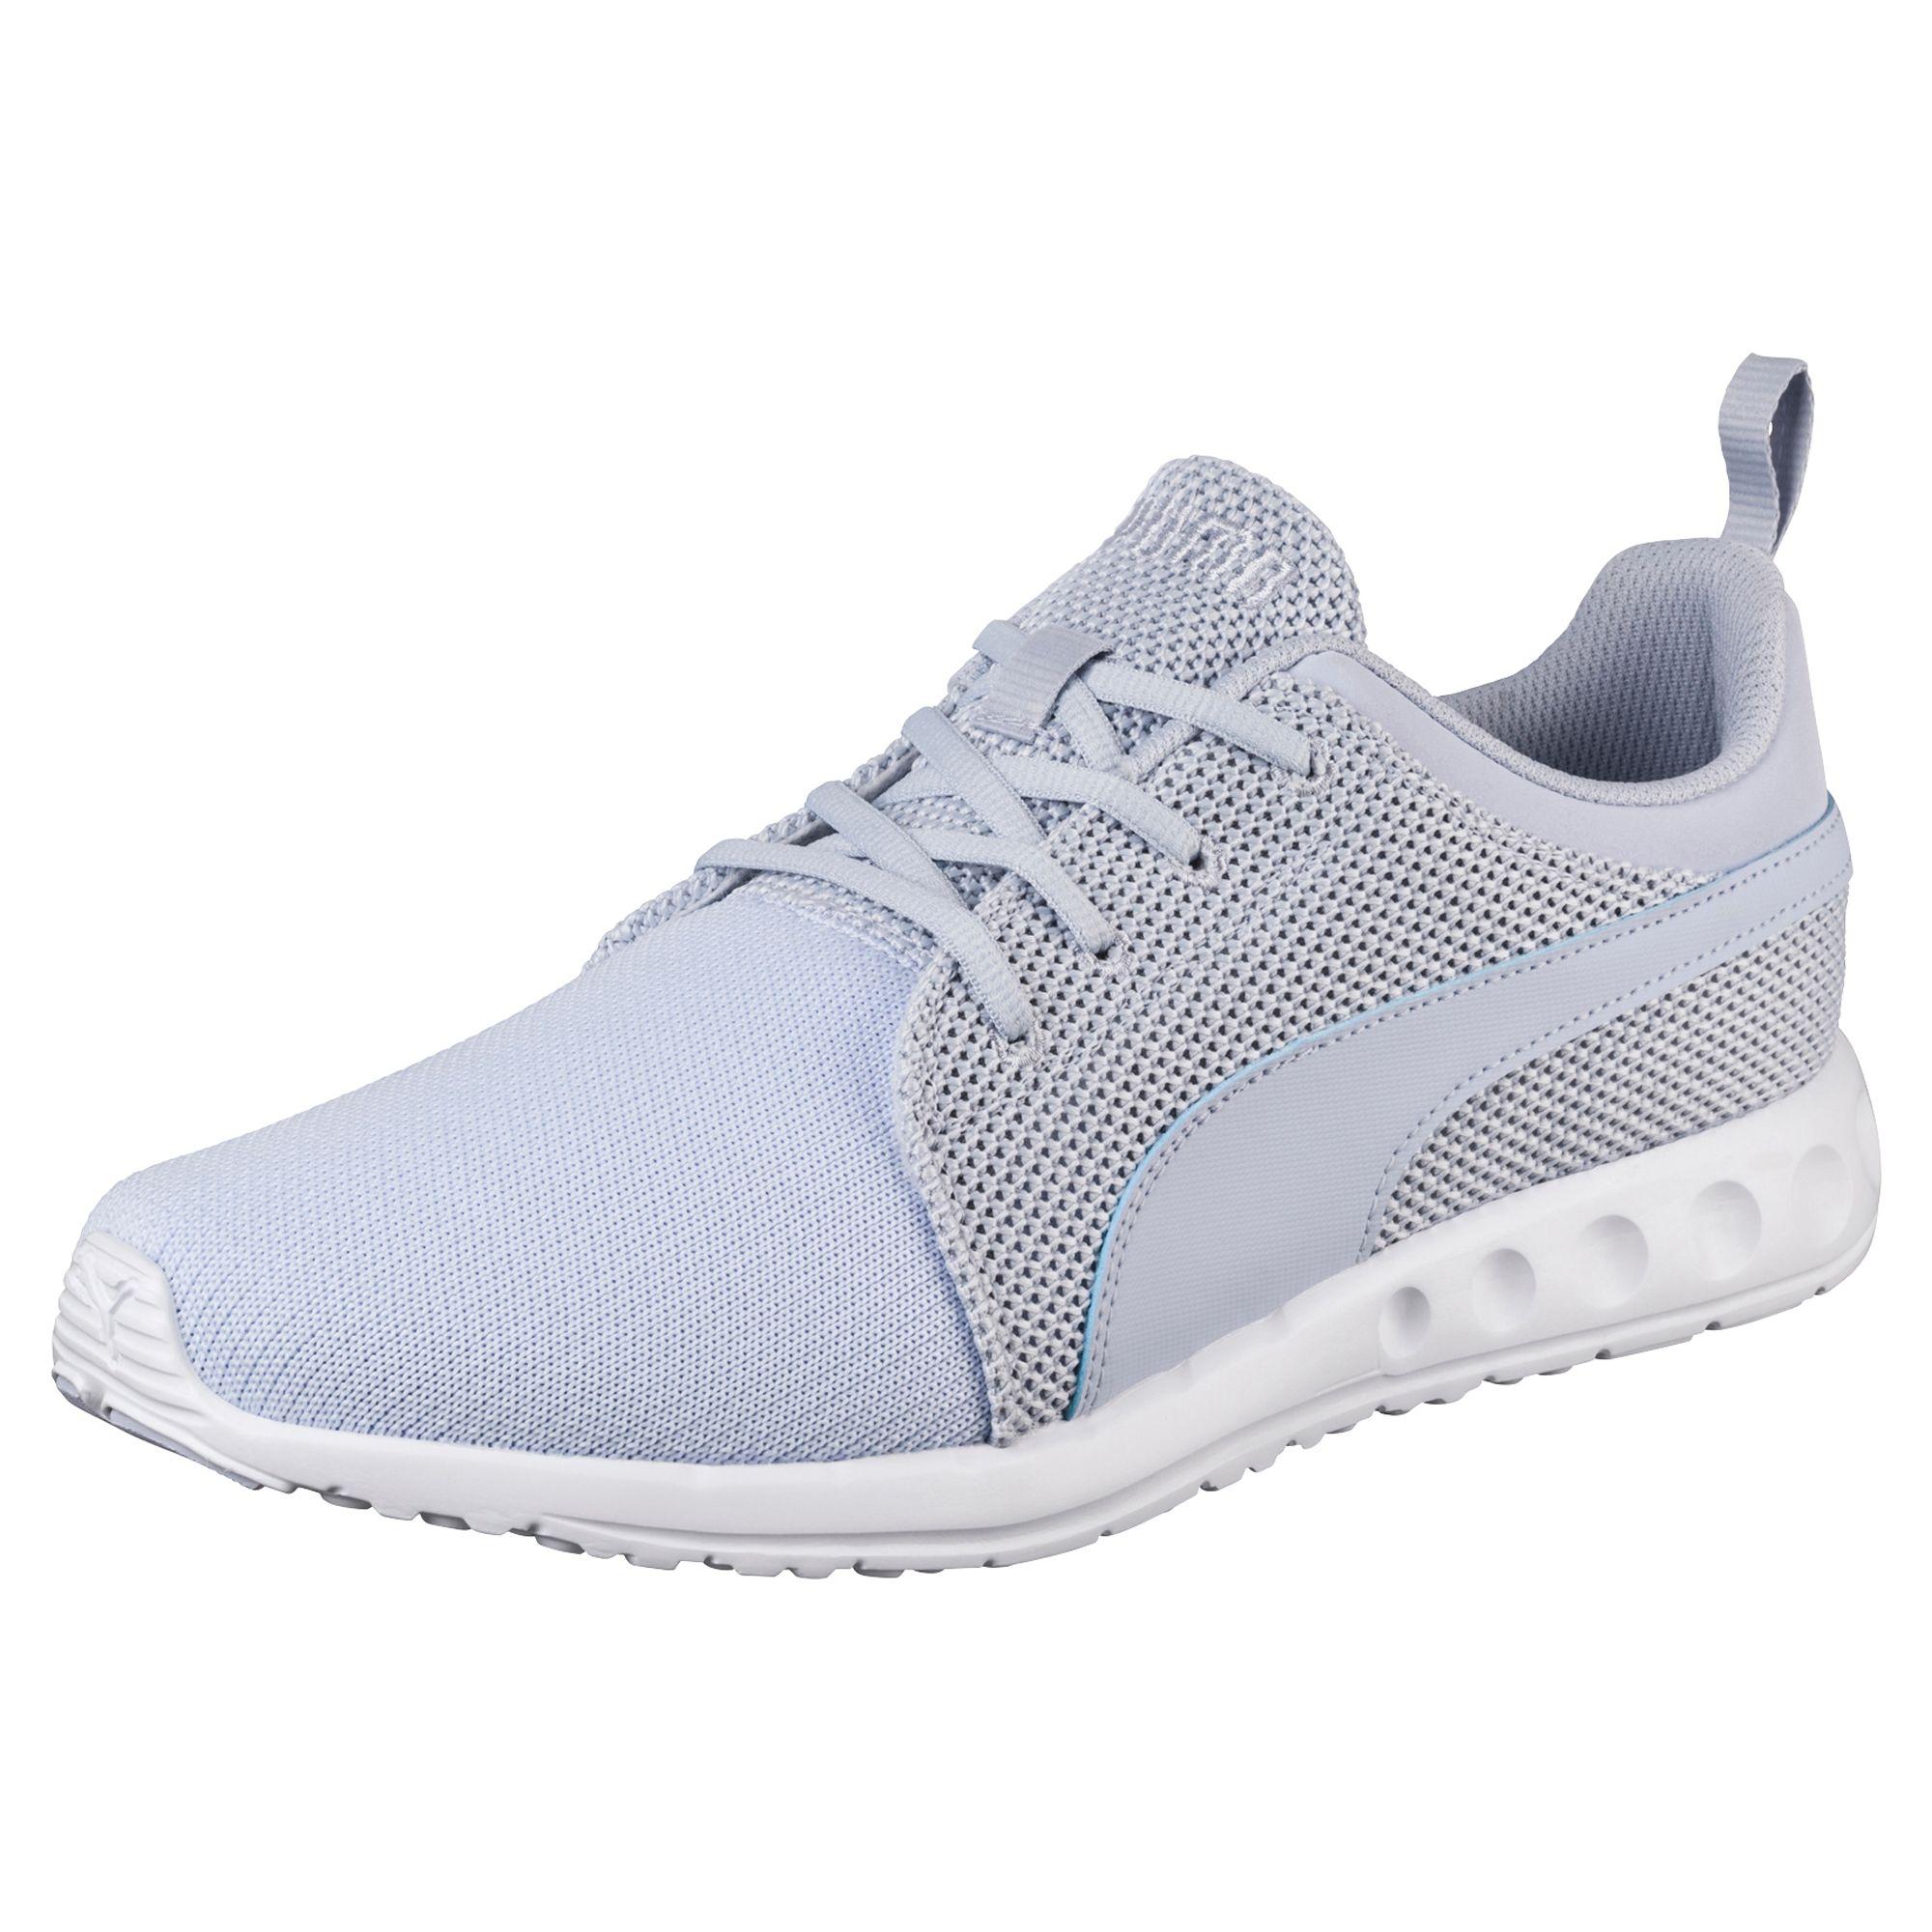 PUMB Carson Runner Knit Herren Schuhe Laufen Schuhe Männer Neu